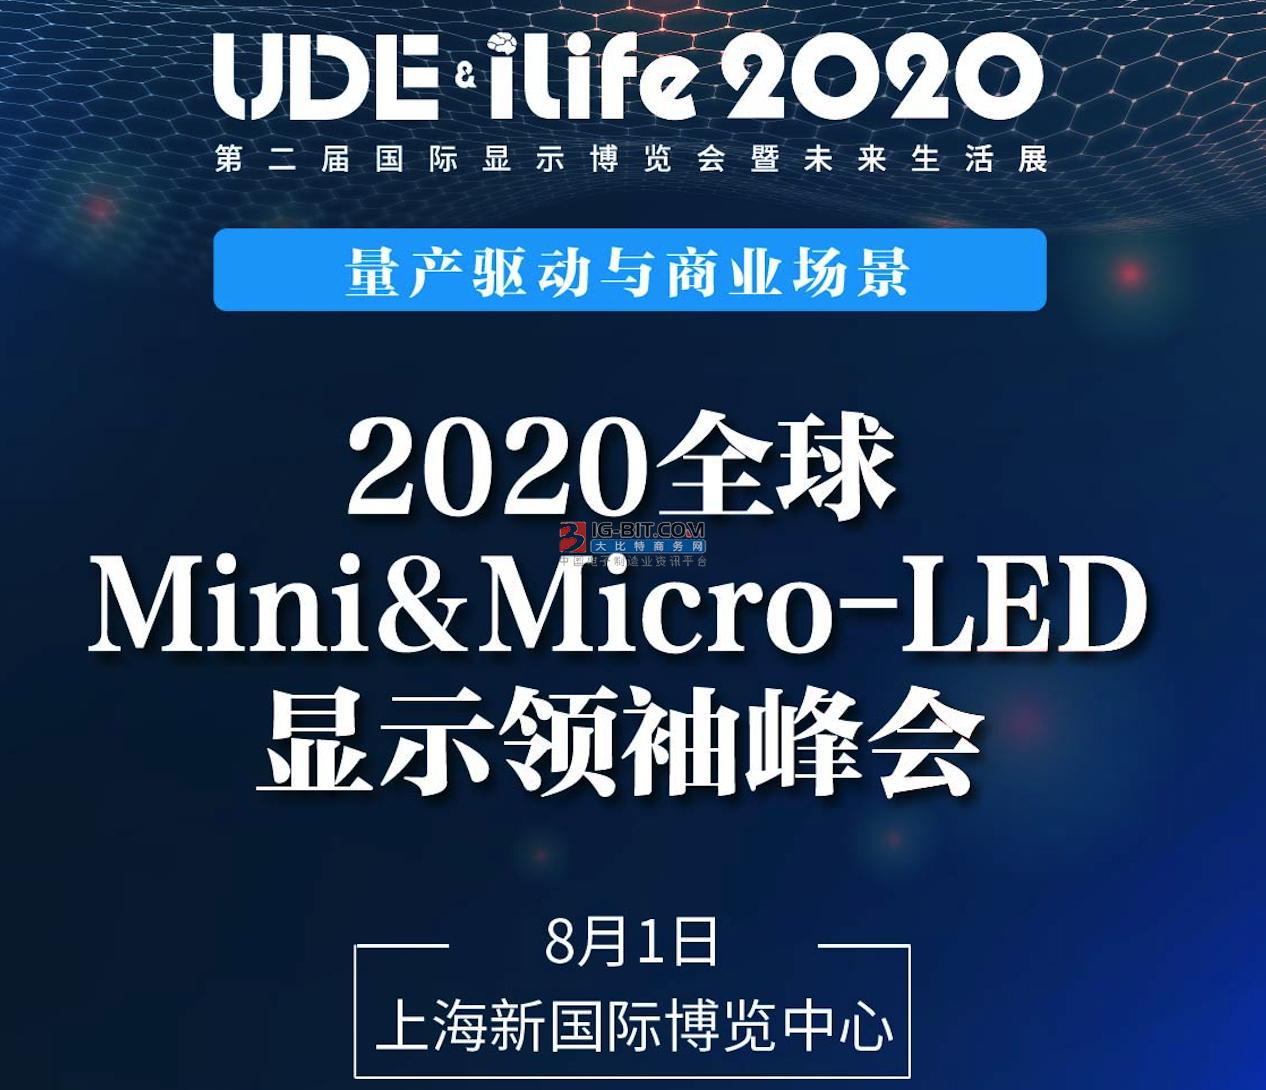 巨量转移有解,2022年或量产?来2020全球Mini&Micro-LED显示领袖峰会看大咖们怎么说!